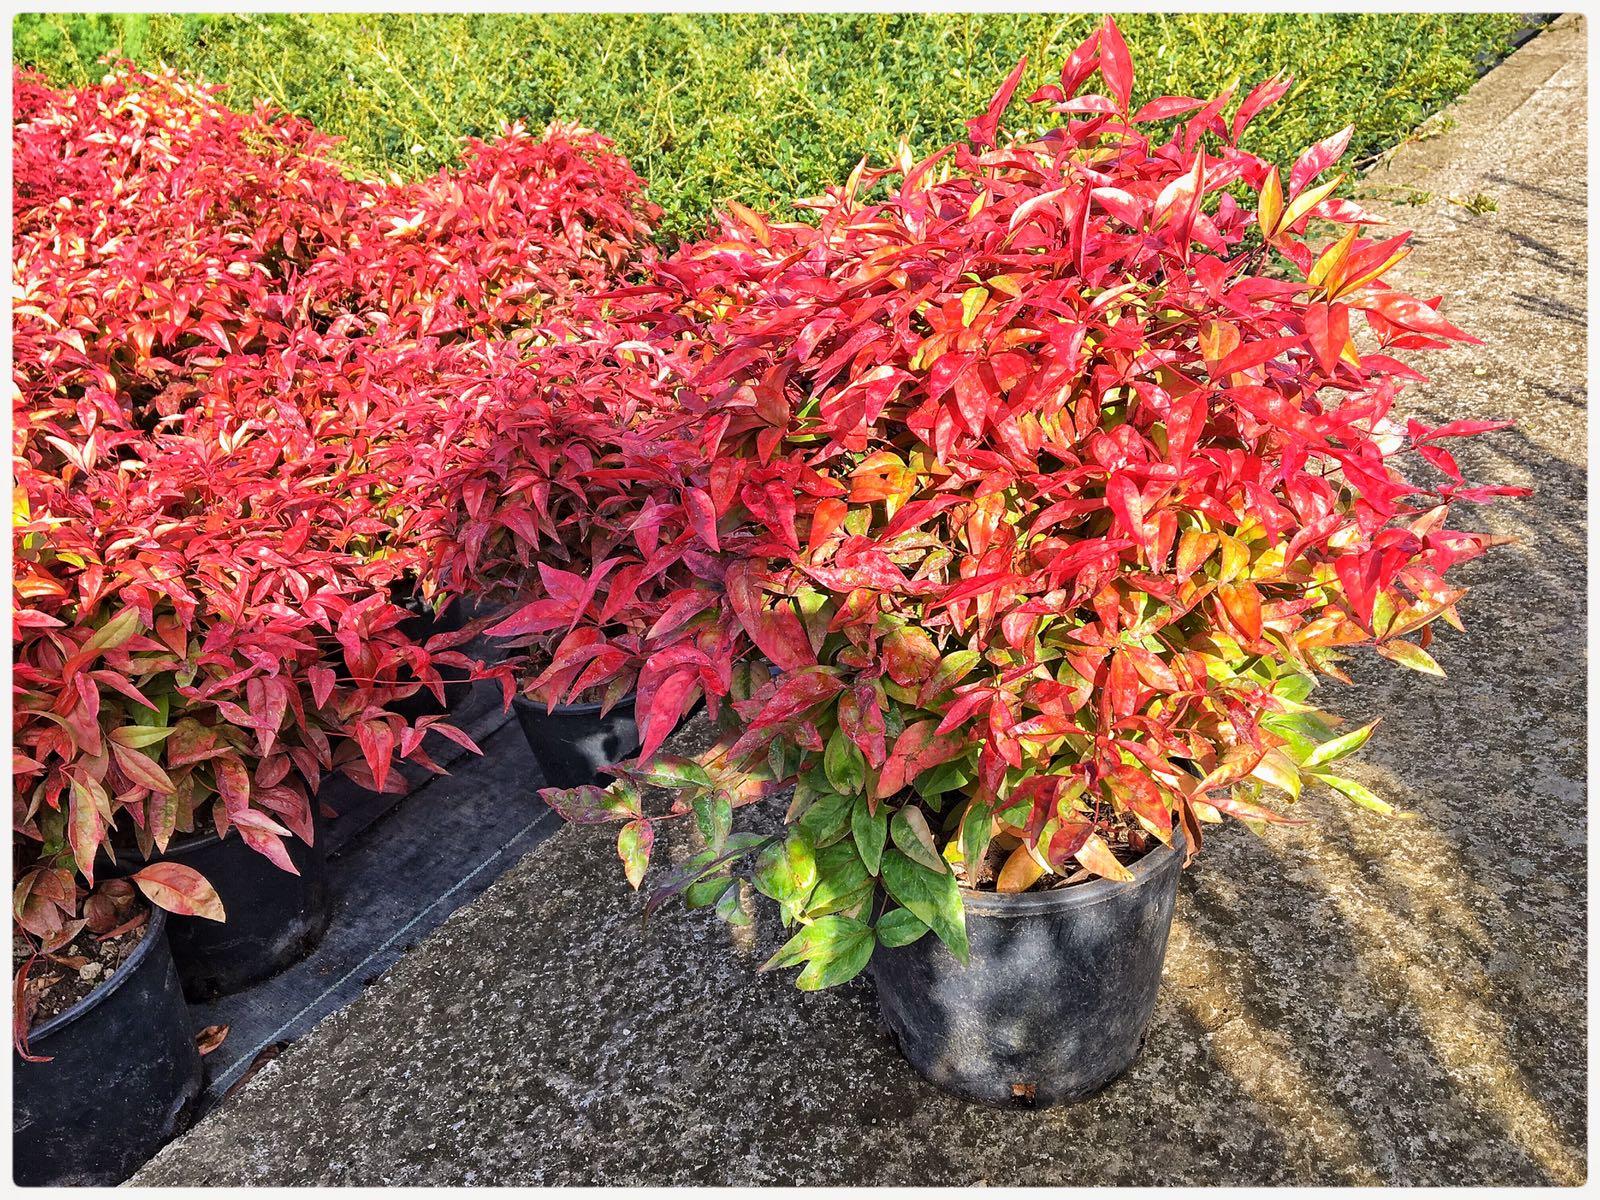 Arredo giardino in rattan e piante da esterno sempreverdi for Piante sempreverdi